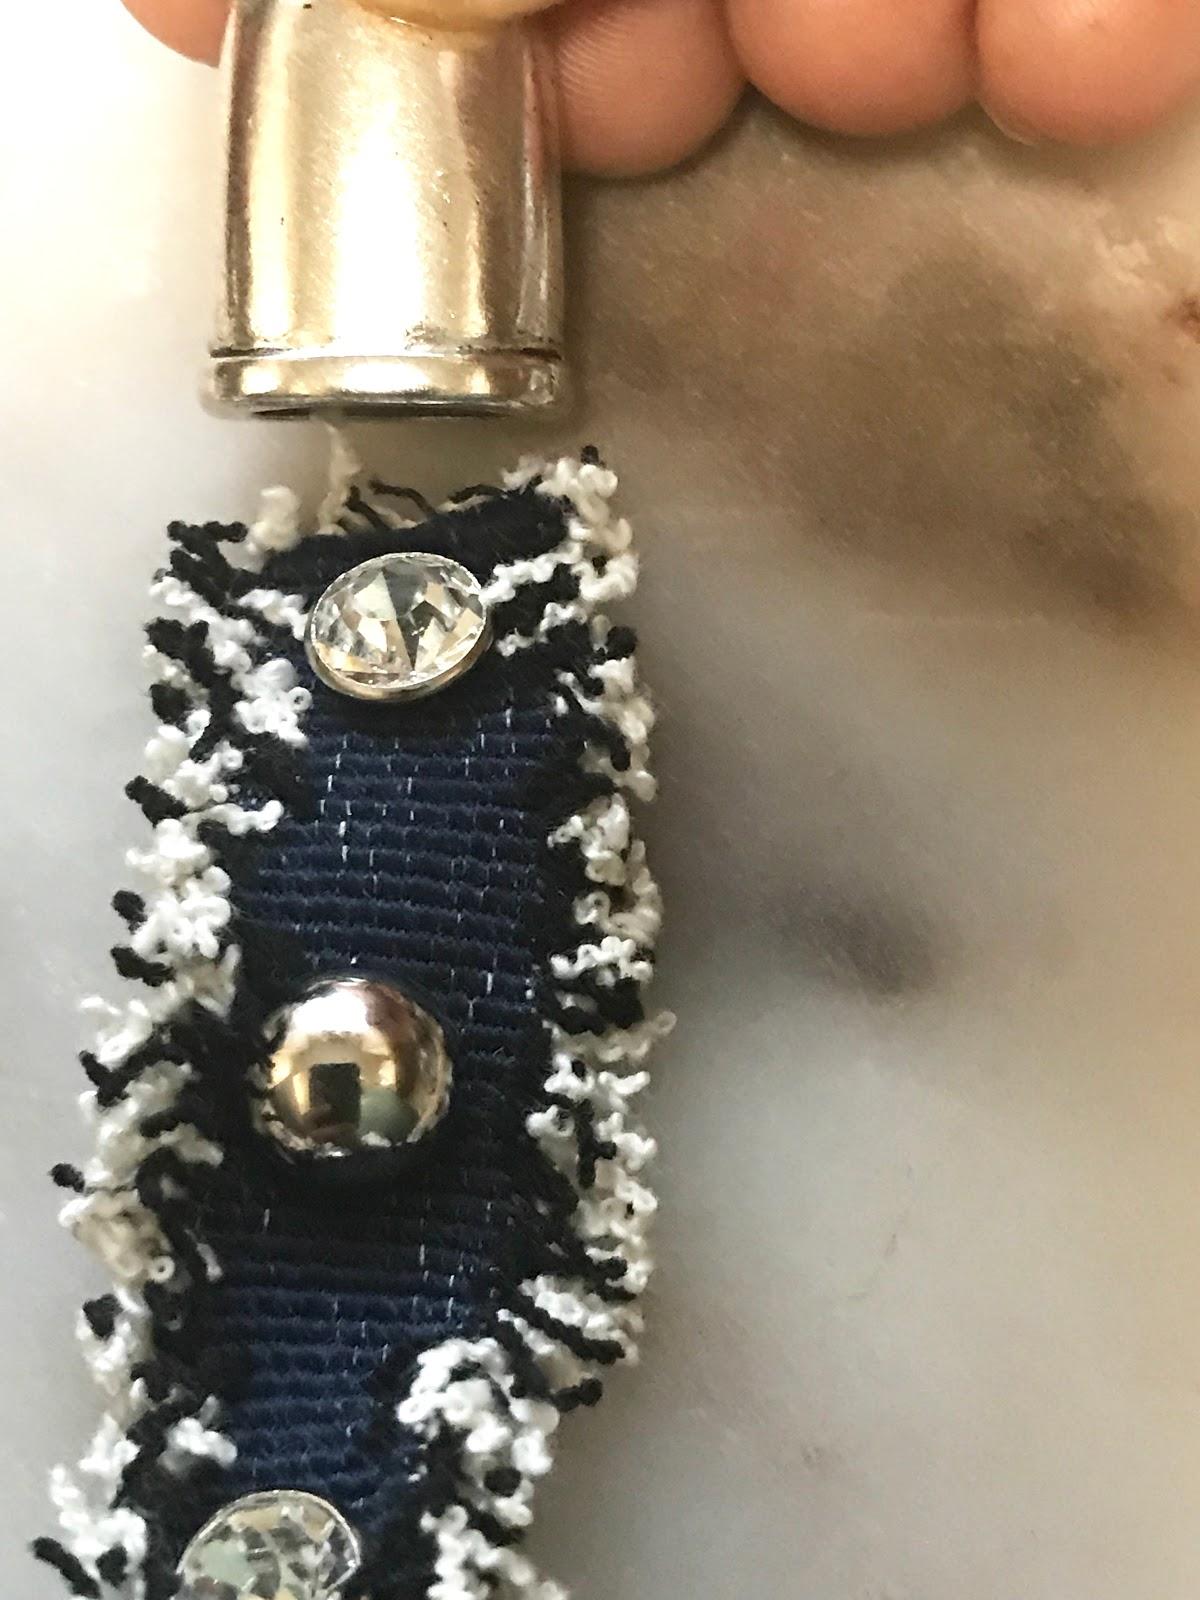 Image: Making Denim Earrings With Rhinestones